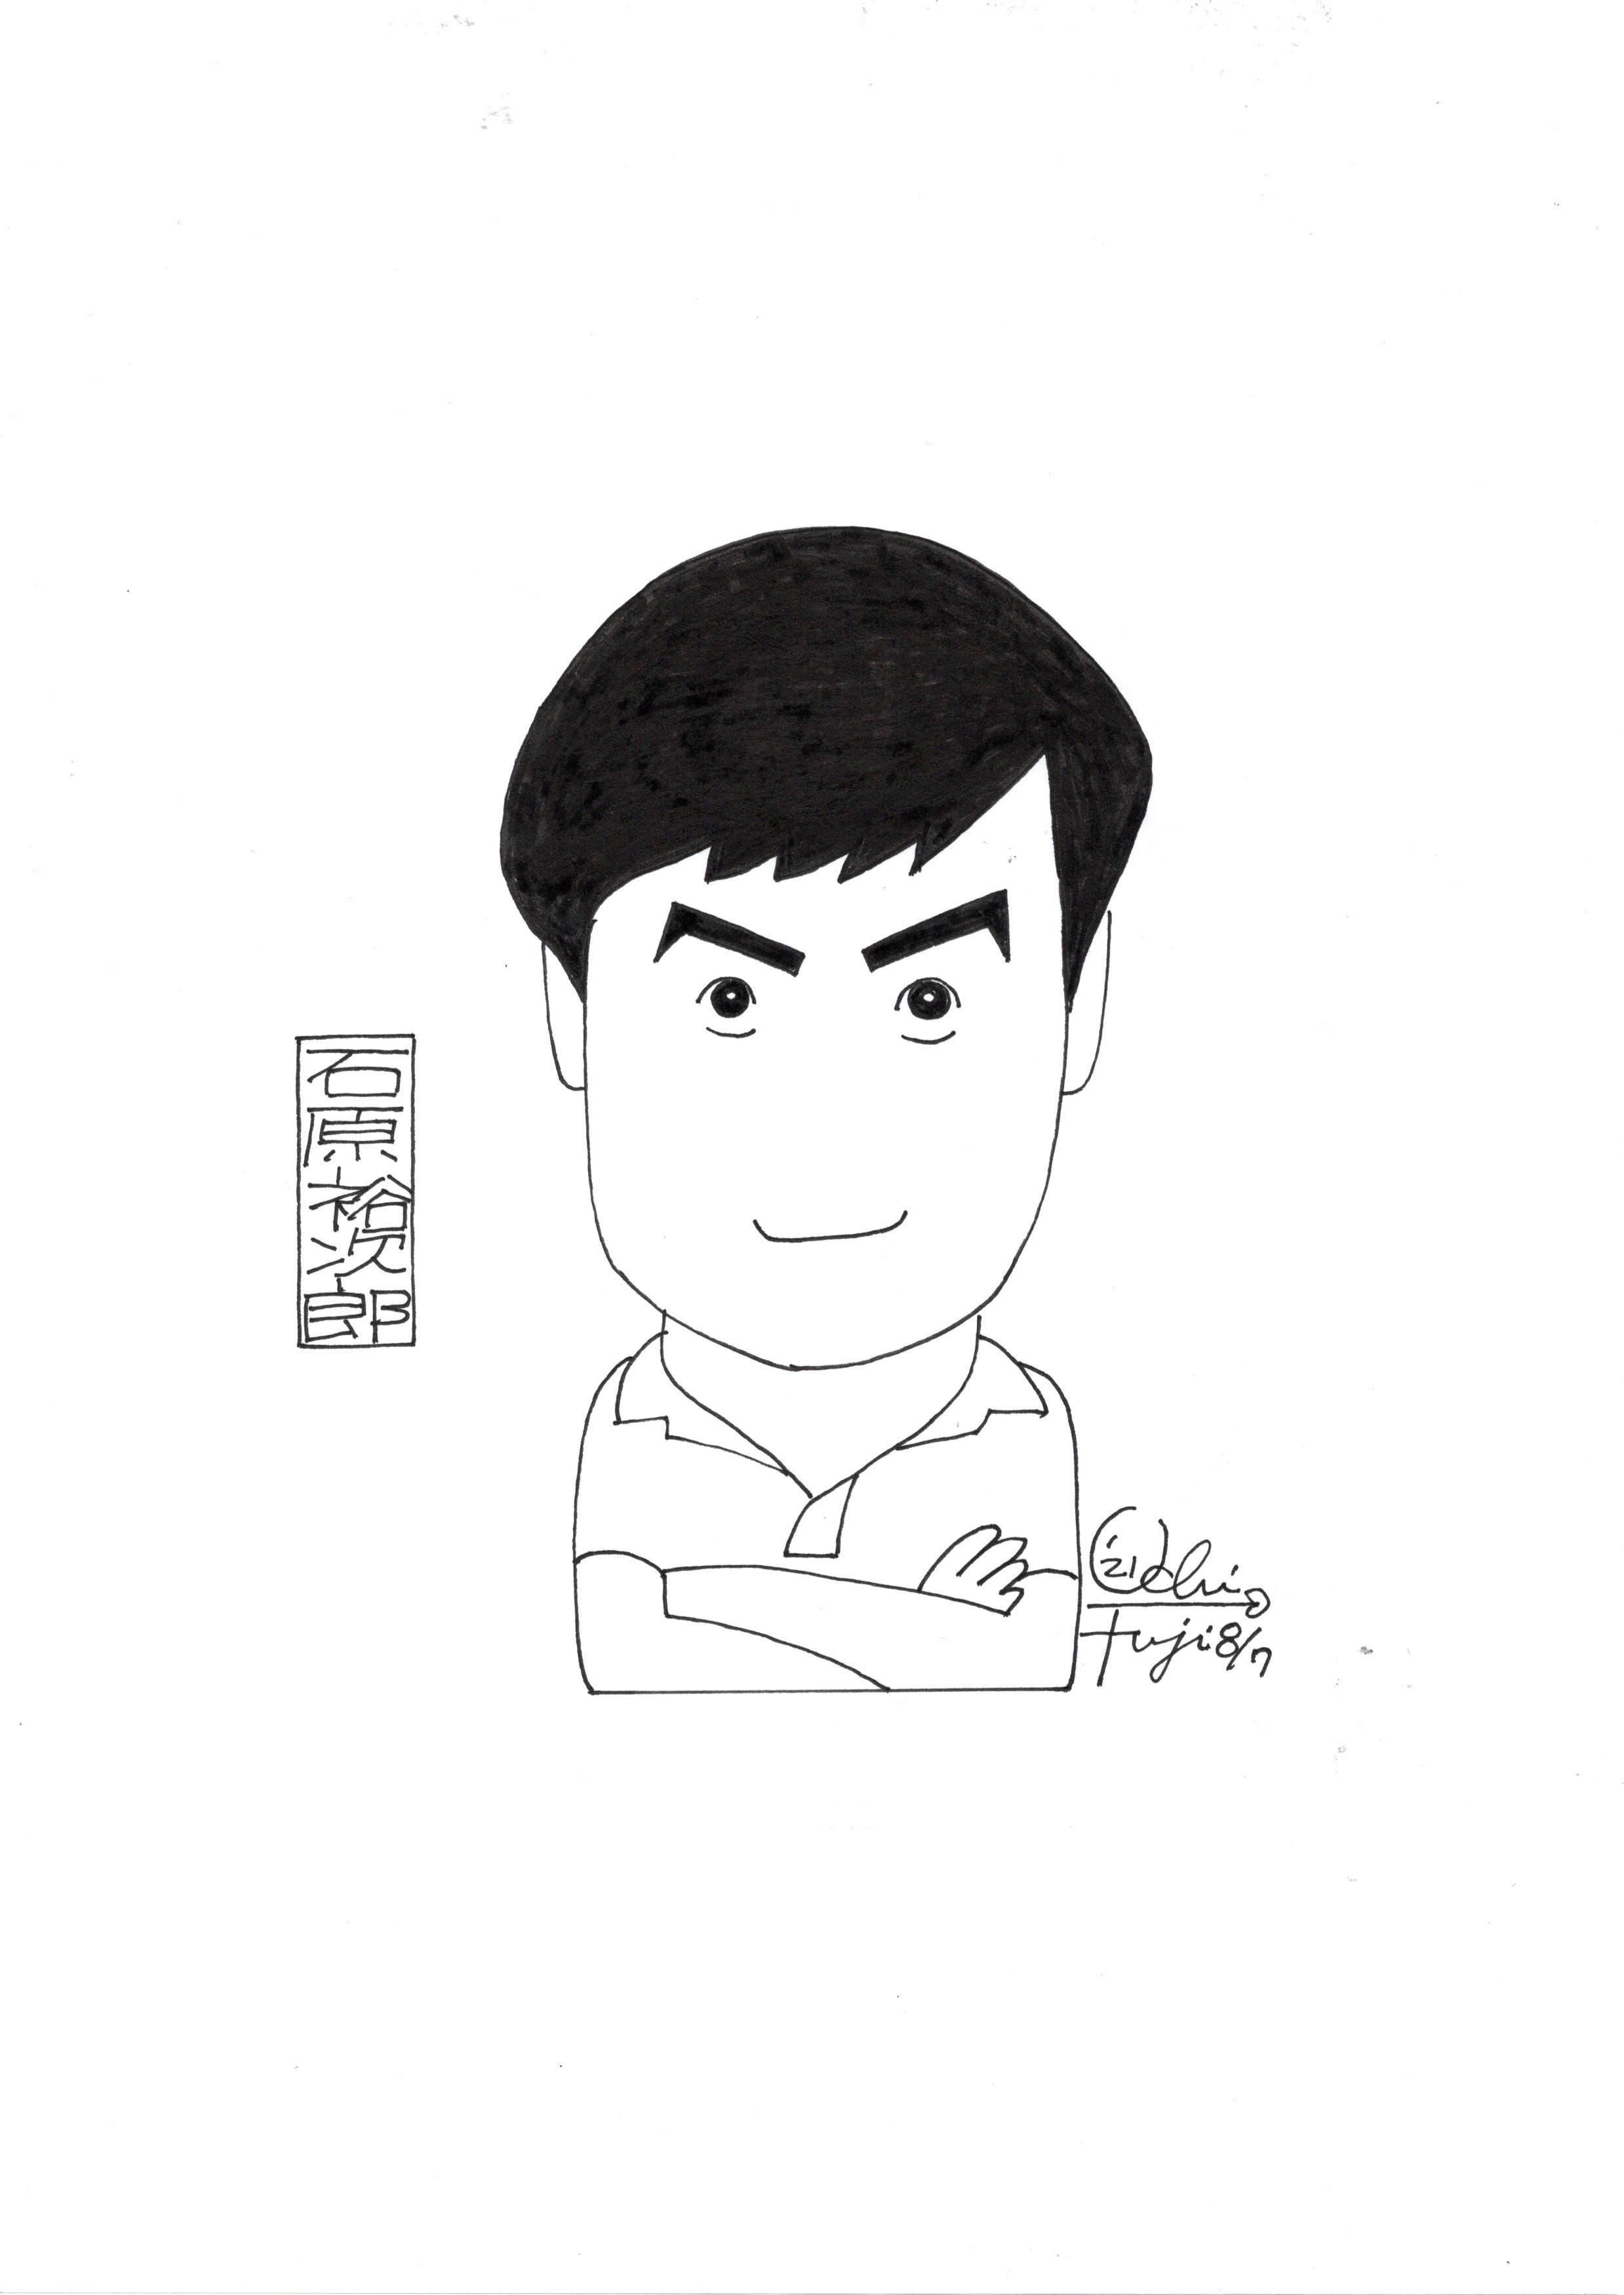 内藤勲の似顔絵ッセイ展 パート26